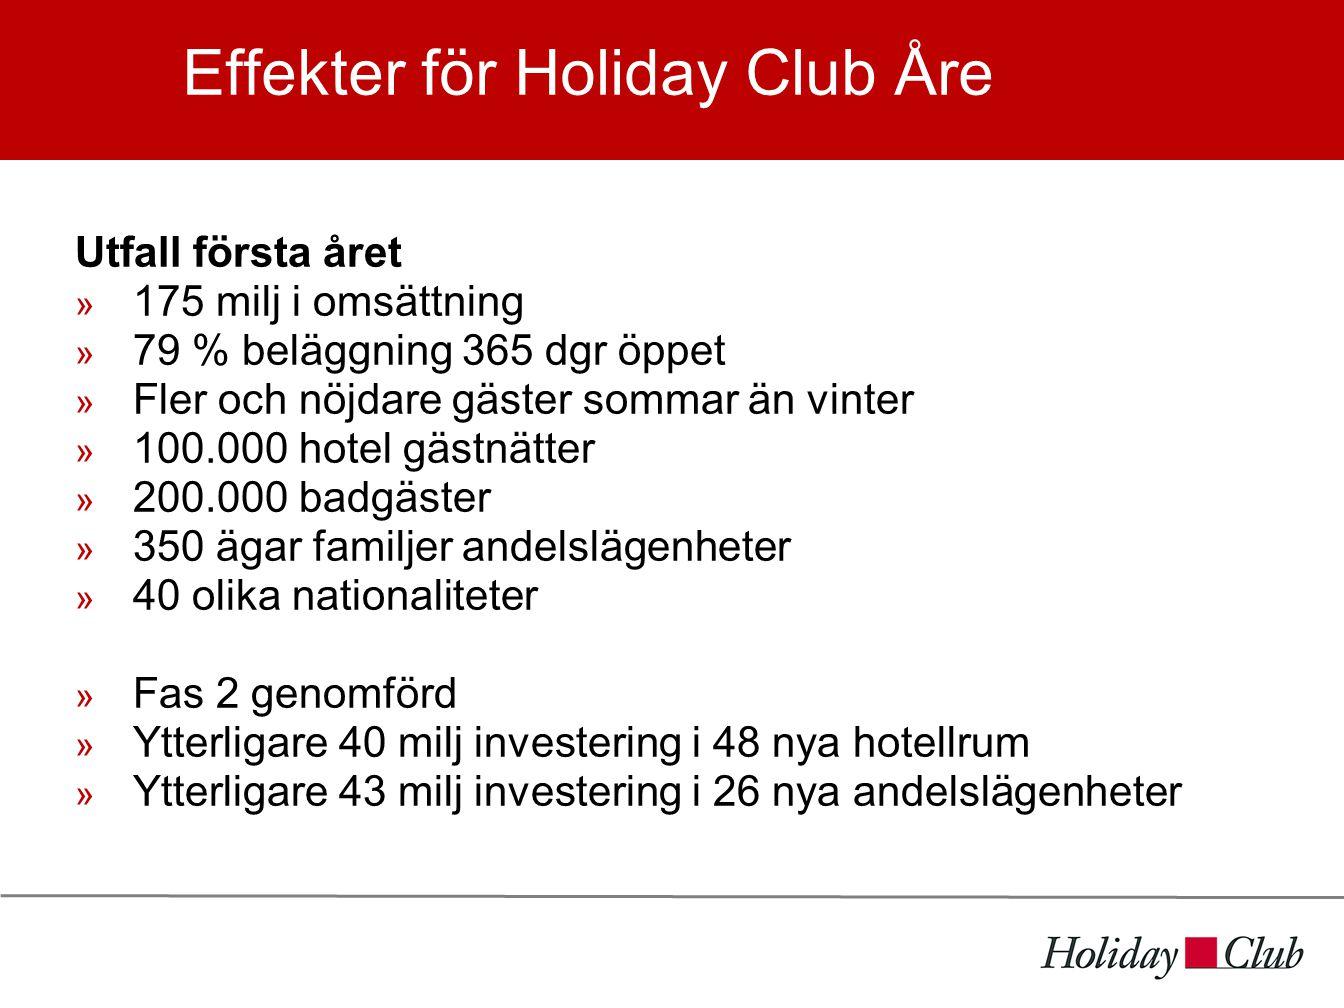 Effekter för Holiday Club Åre Utfall första året  175 milj i omsättning  79 % beläggning 365 dgr öppet  Fler och nöjdare gäster sommar än vinter  100.000 hotel gästnätter  200.000 badgäster  350 ägar familjer andelslägenheter  40 olika nationaliteter  Fas 2 genomförd  Ytterligare 40 milj investering i 48 nya hotellrum  Ytterligare 43 milj investering i 26 nya andelslägenheter